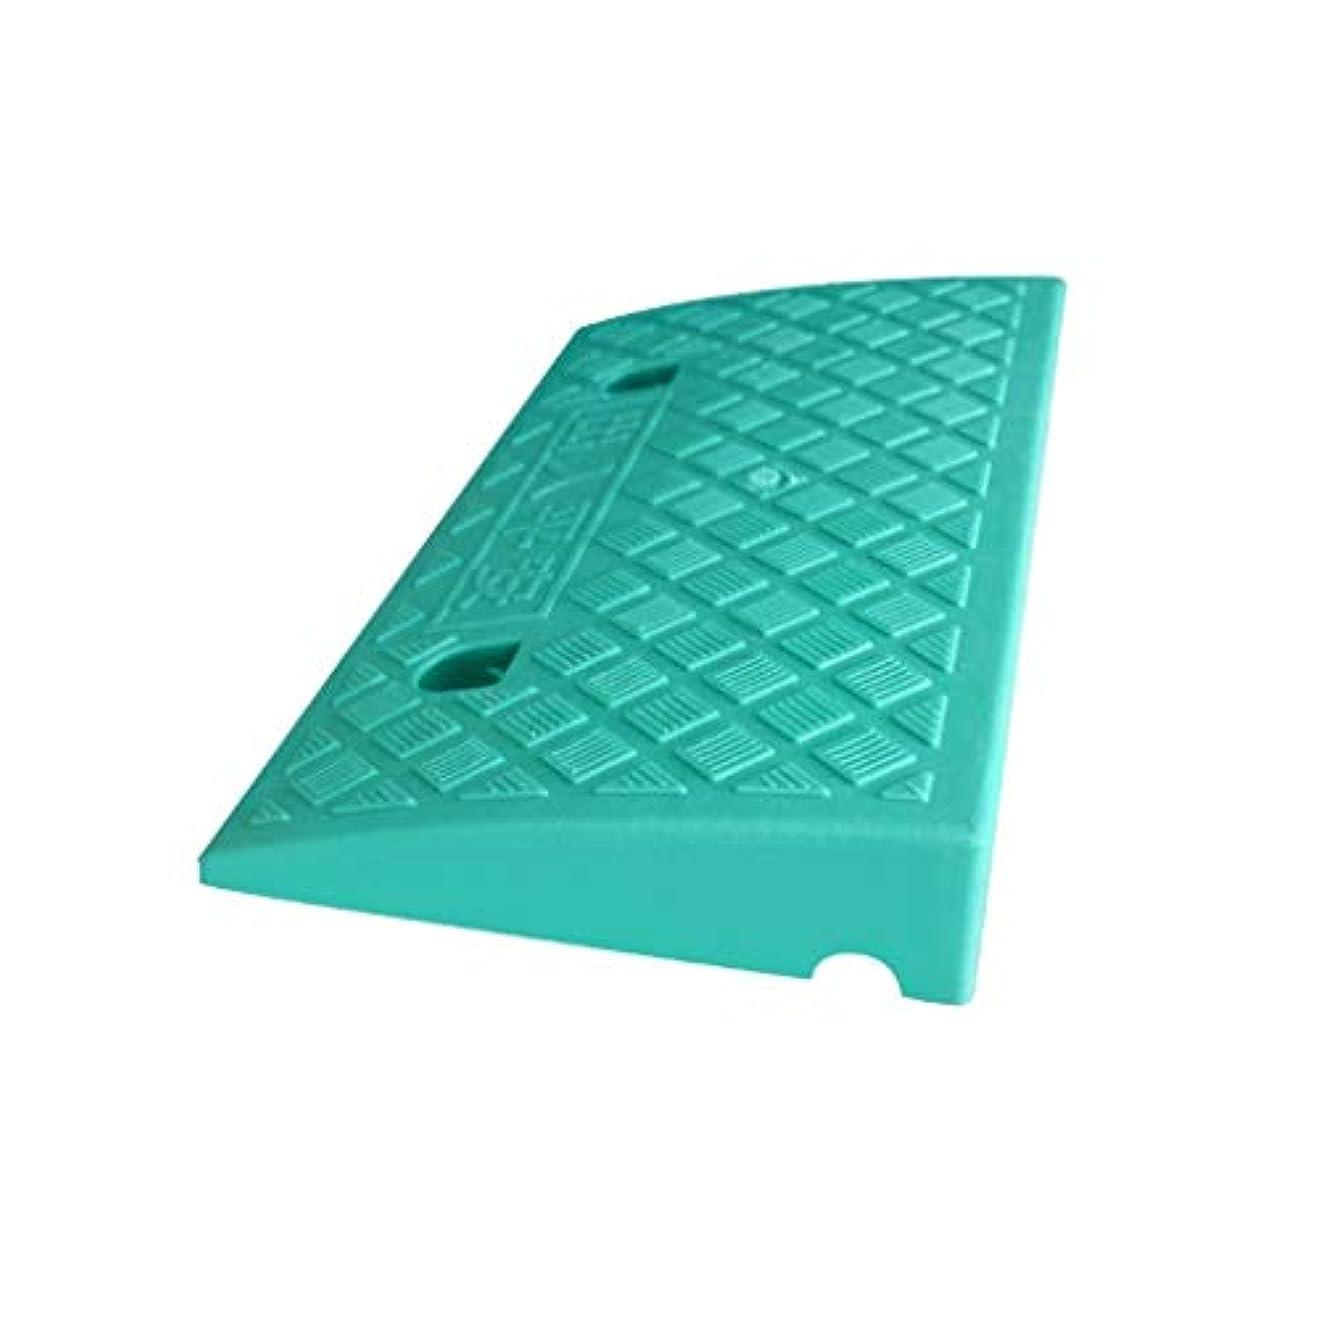 浸透するパスタ倍増屋外ステップ、スロープ、自転車、オートバイ、スロープ、パッド、ホテル、アパートメント、カーブ、カーブ、勾配、車椅子用スロープ、 (Color : Green, Size : 49.5*26.8*6.8CM)